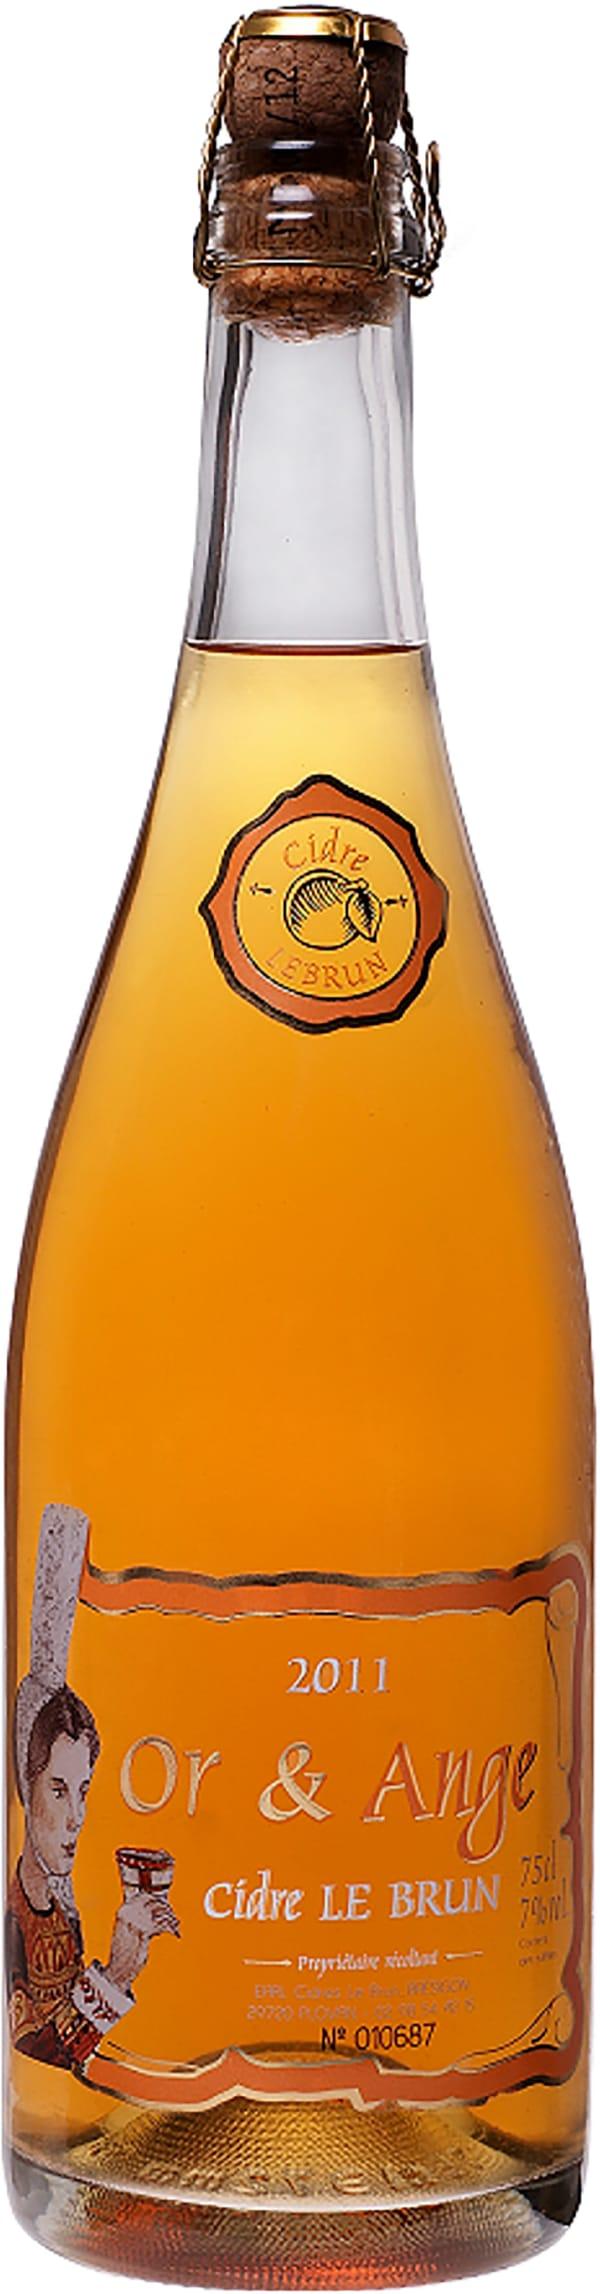 Le Brun Cidre Artisanal Or & Ange